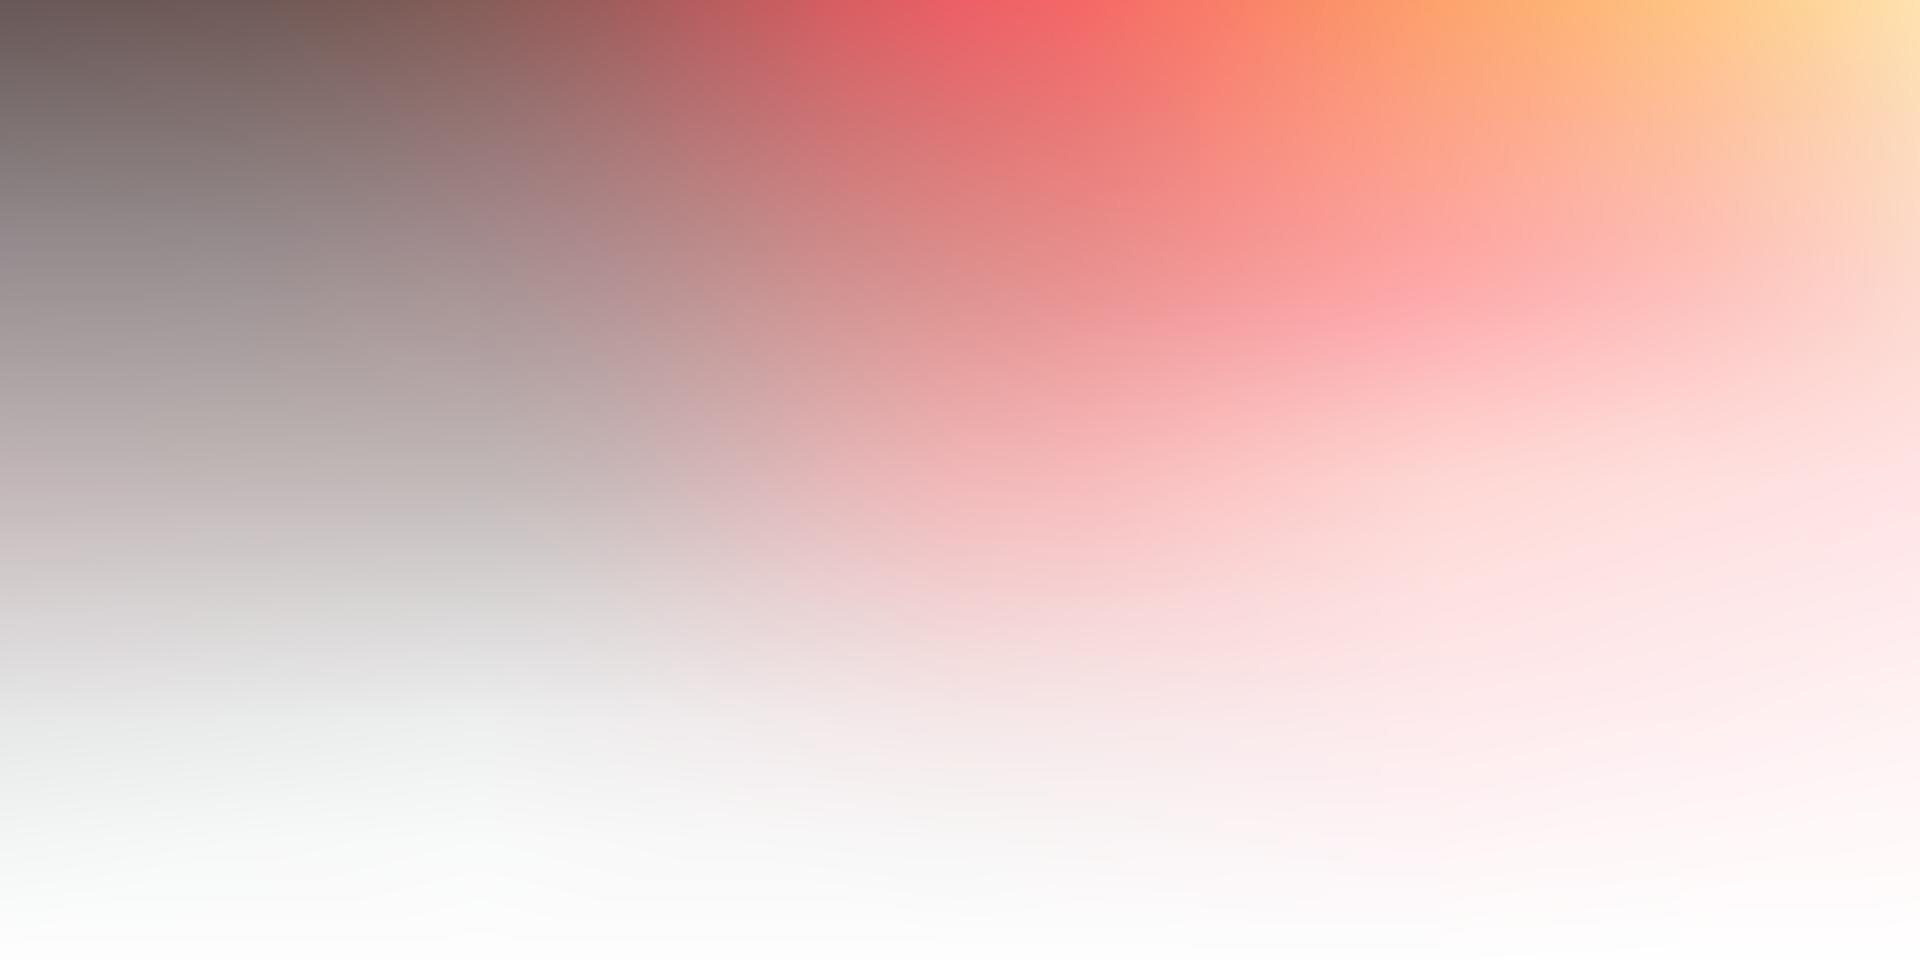 sfondo sfocato vettoriale rosa scuro, giallo.